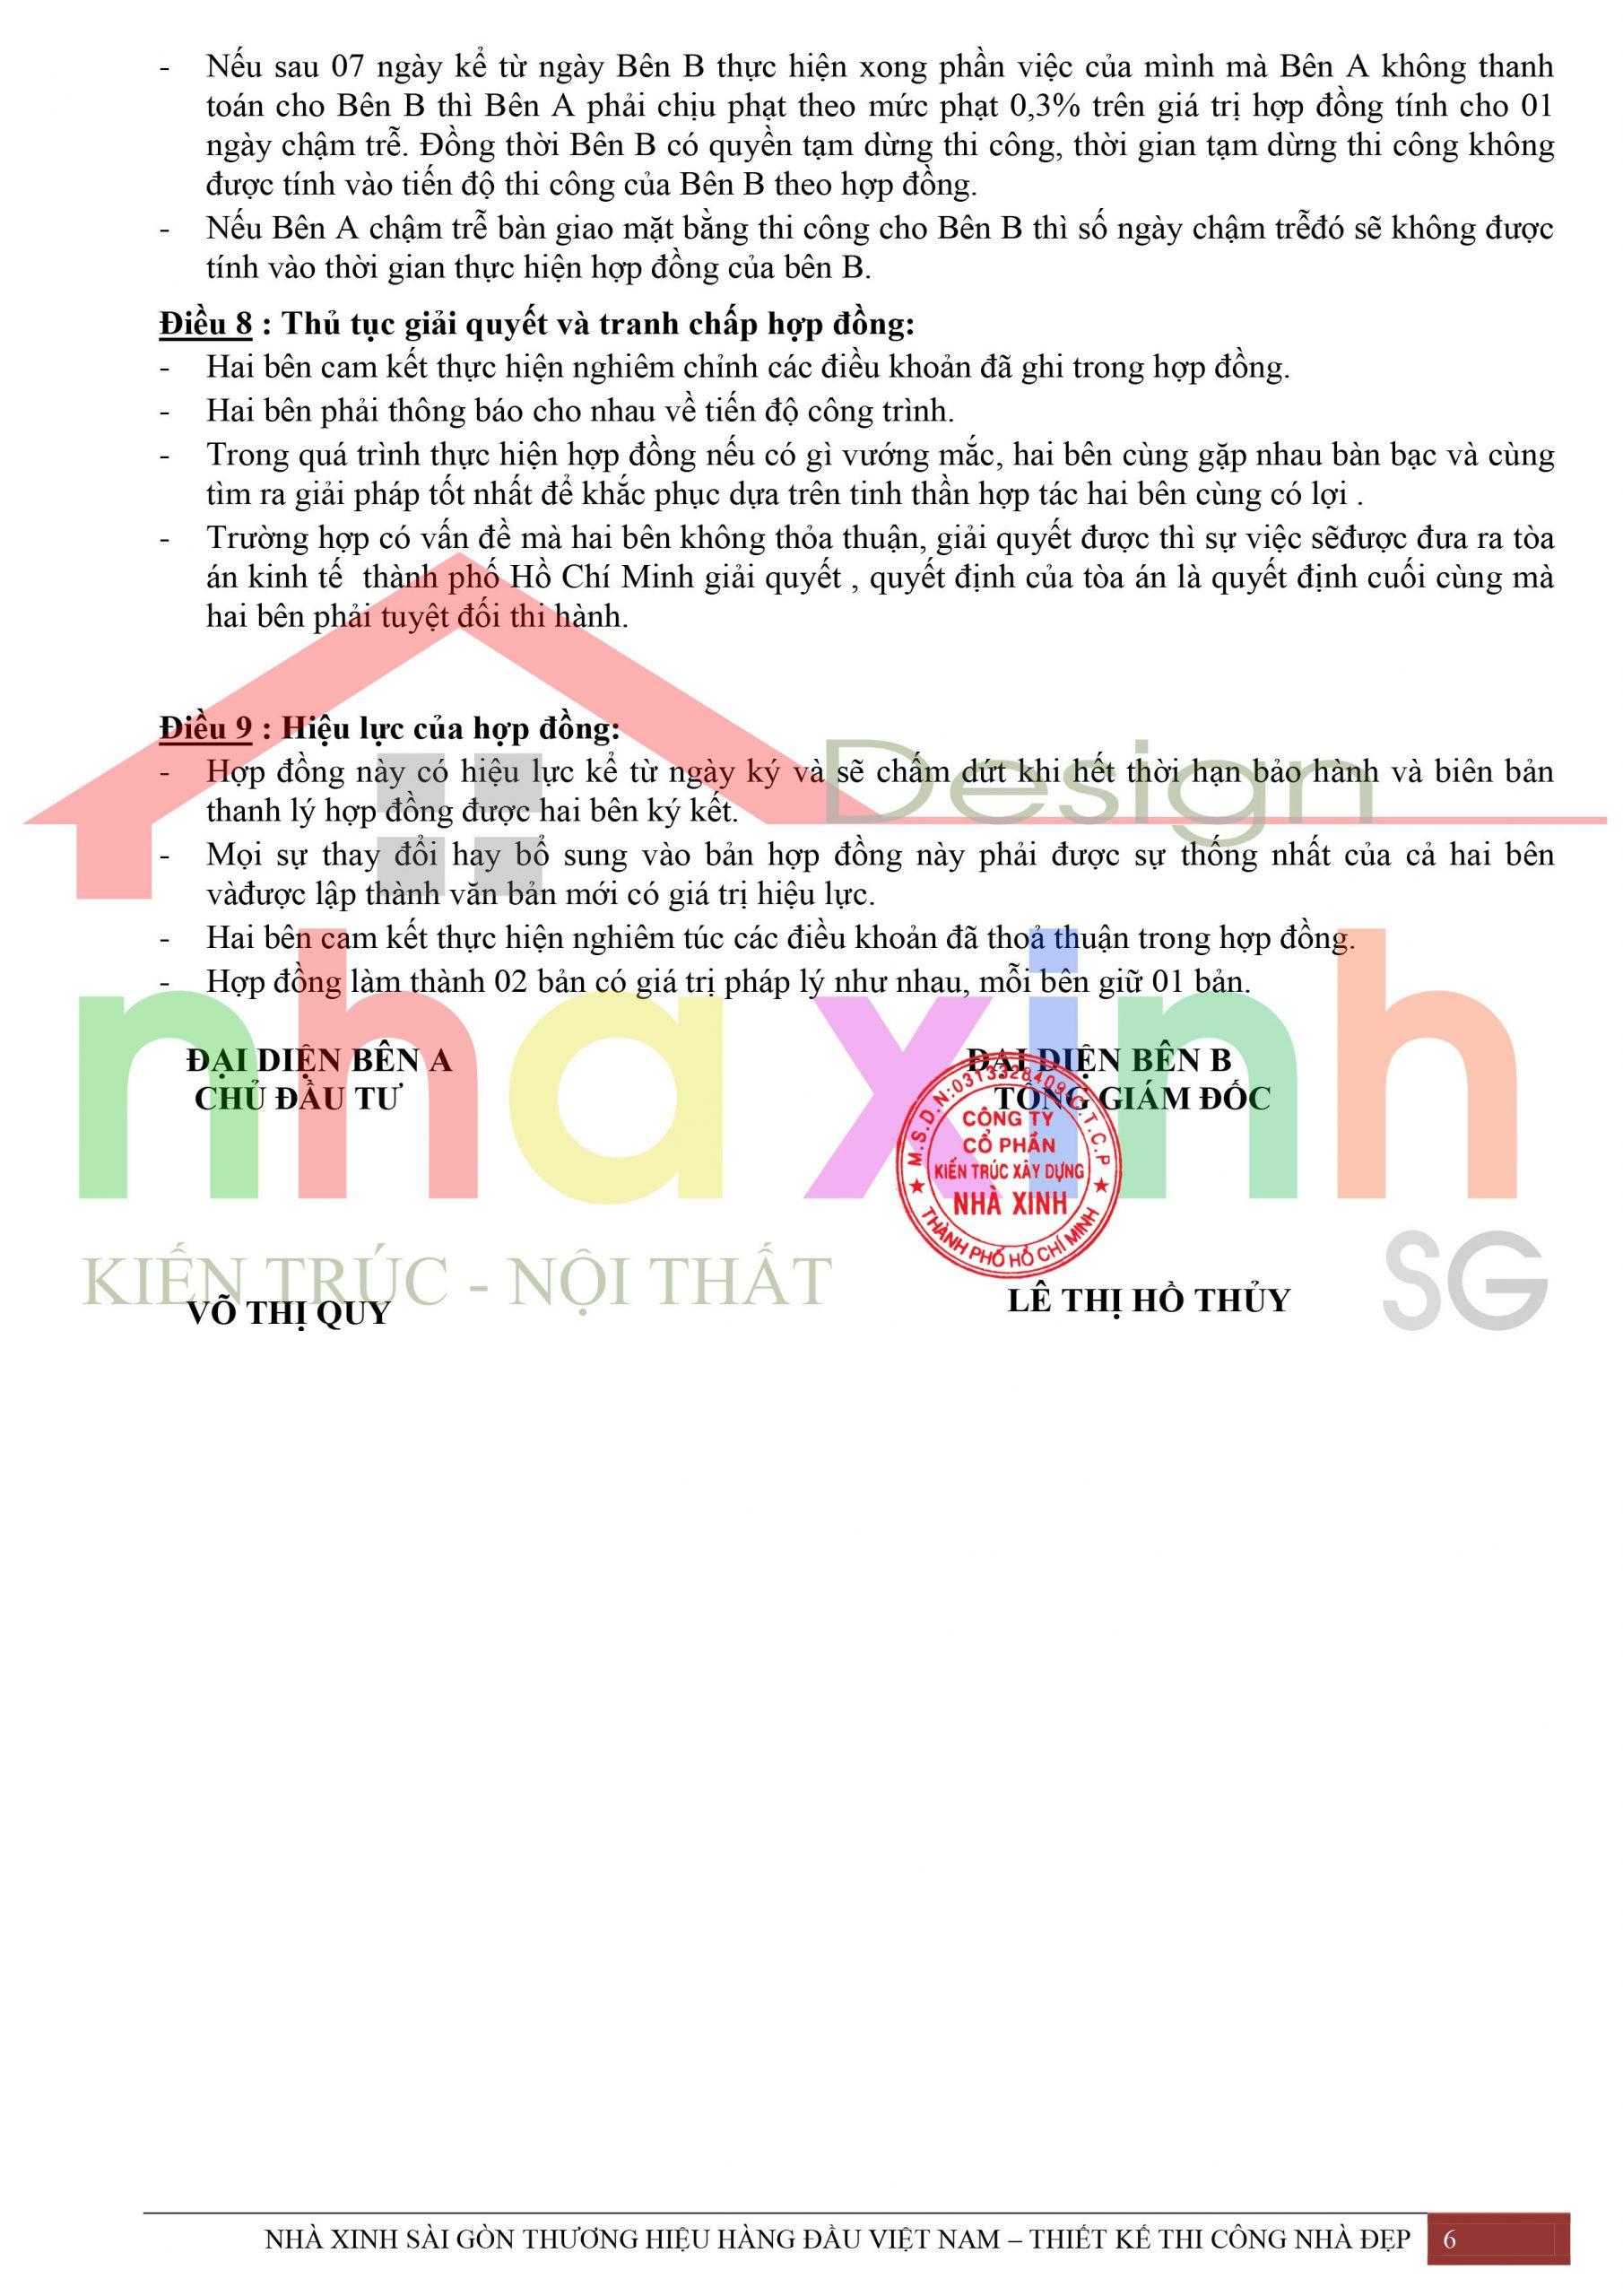 Mẫu hợp đồng phần thô Nhà Xinh 6 scaled